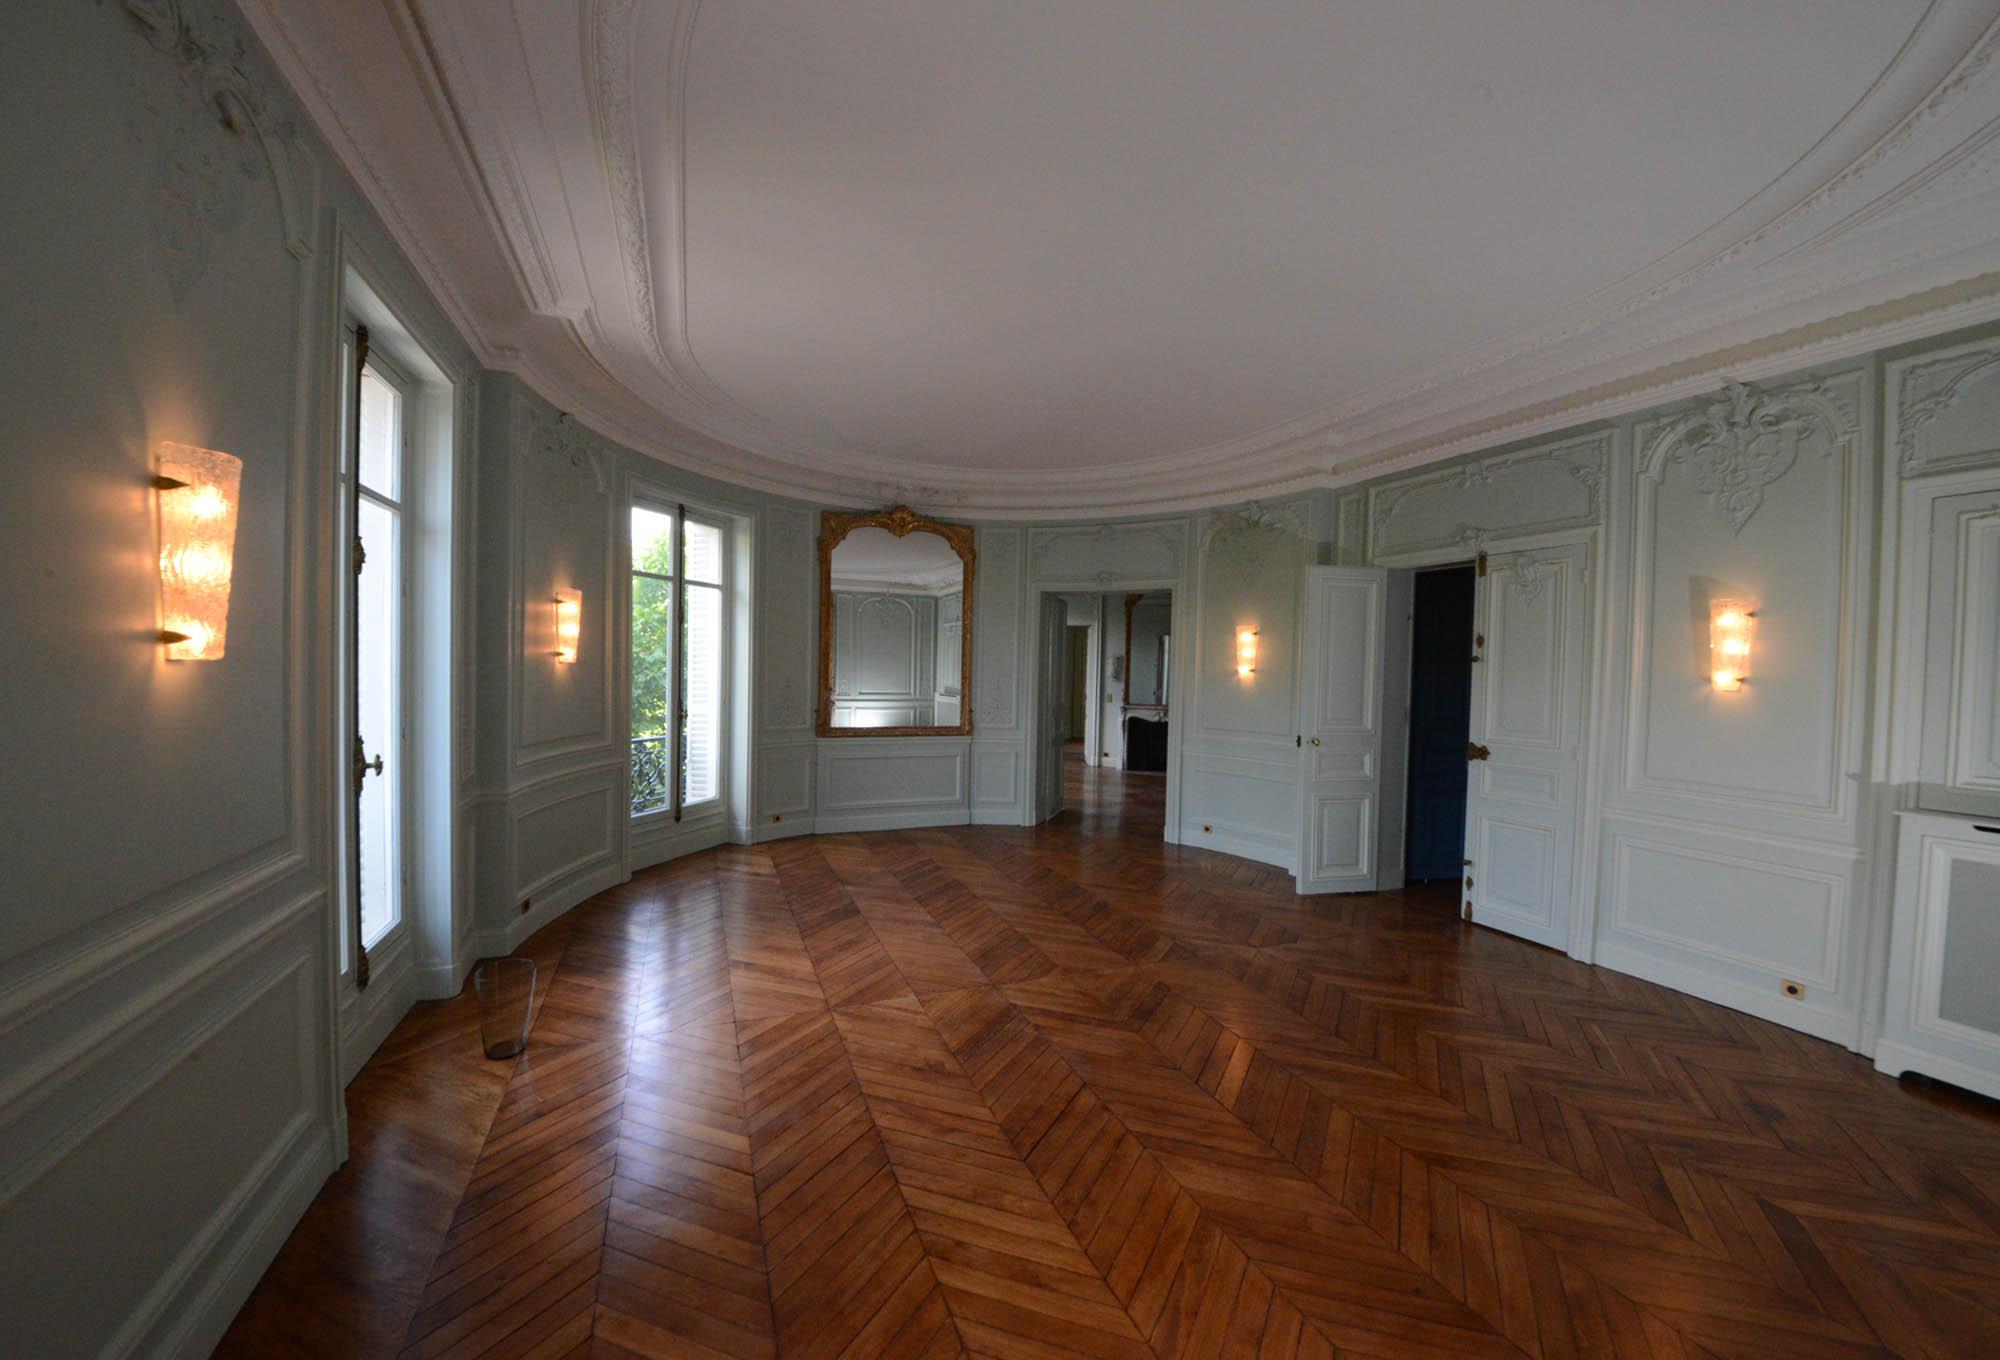 Appartement haussmannien paris 17 me atelier de la for Parquet carrelage paris 17